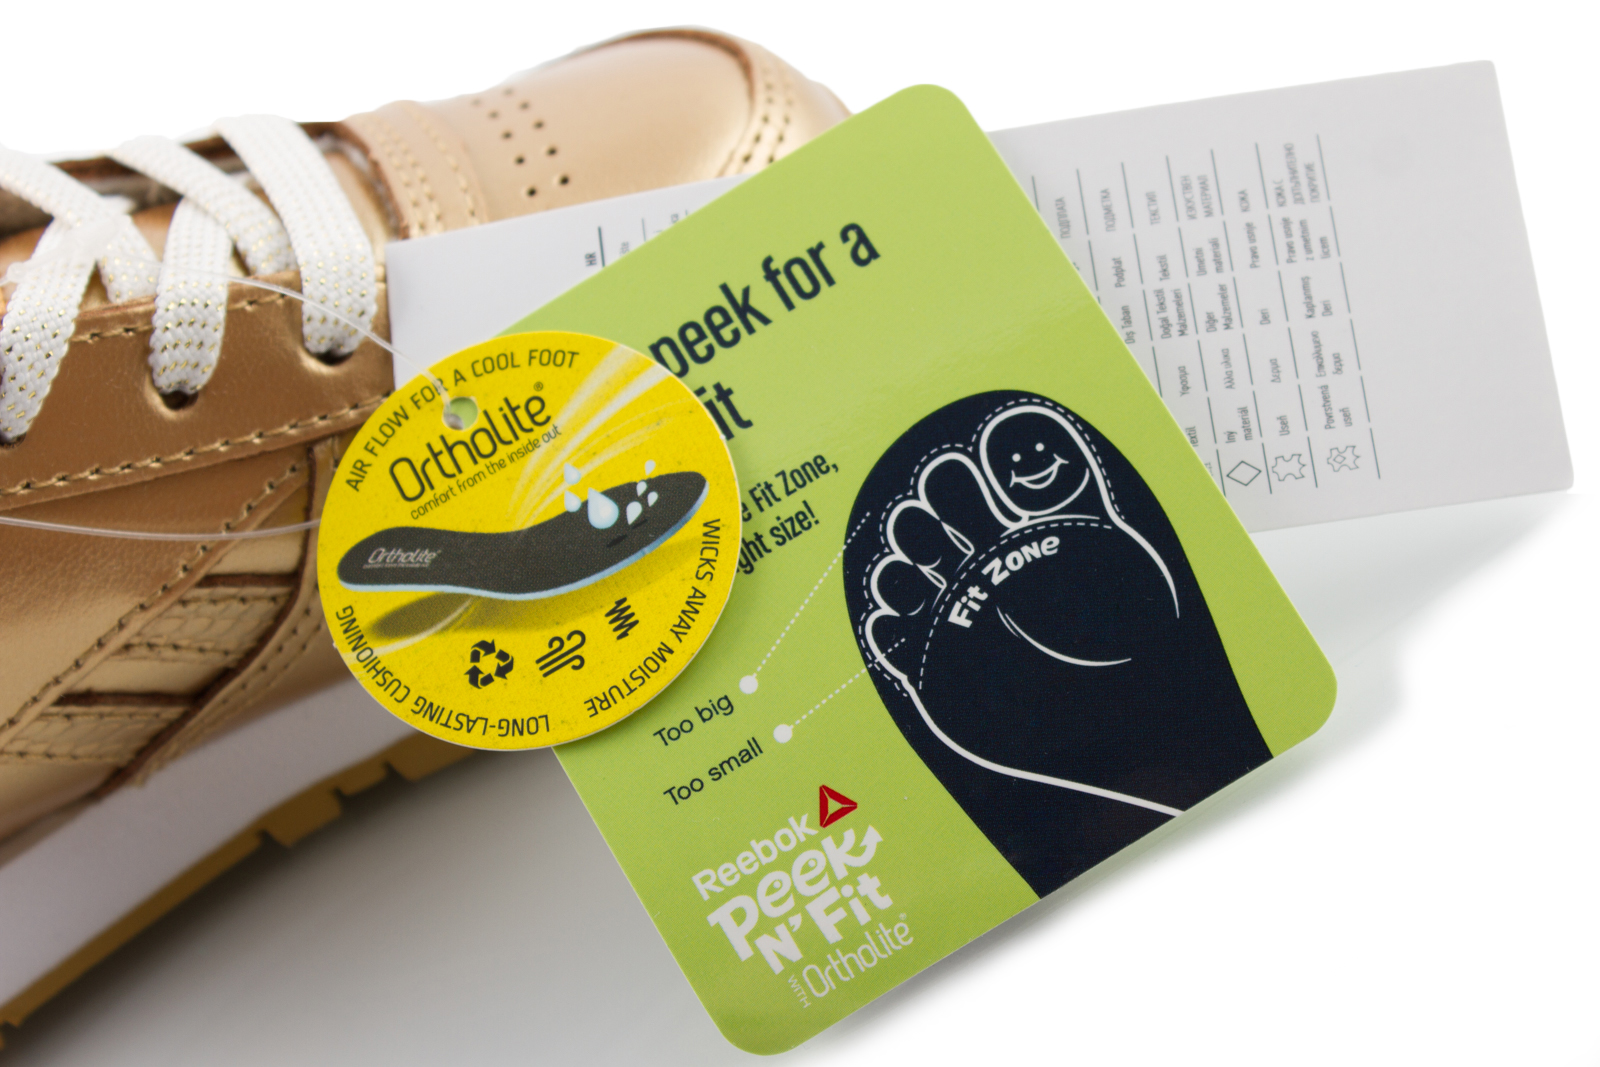 REEBOK CLASSIC buty dziecięce skórzane ZŁOTE 23,5